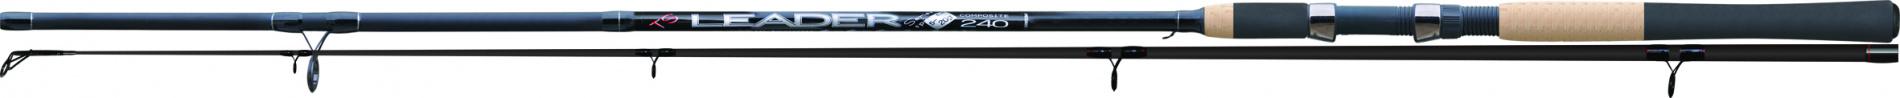 Спиннинг шт. SWD LEADER spin 2,1м композит, SIC (300-500г)Спинниги<br>Штекерный спиннинг длиной 2,1м с тестом <br>300-500г, выполненный из композита. Комплектуется <br>качественными пропускными кольцами SIС. <br>Рукоять спиннинга выполнена из EVA. Несмотря <br>на не высокую цену, спиннинг обладает быстрым <br>строем, имеет высокую прочность. Рекомендуется <br>использовать при ловле хищника, как с берега, <br>так и с лодки.<br>